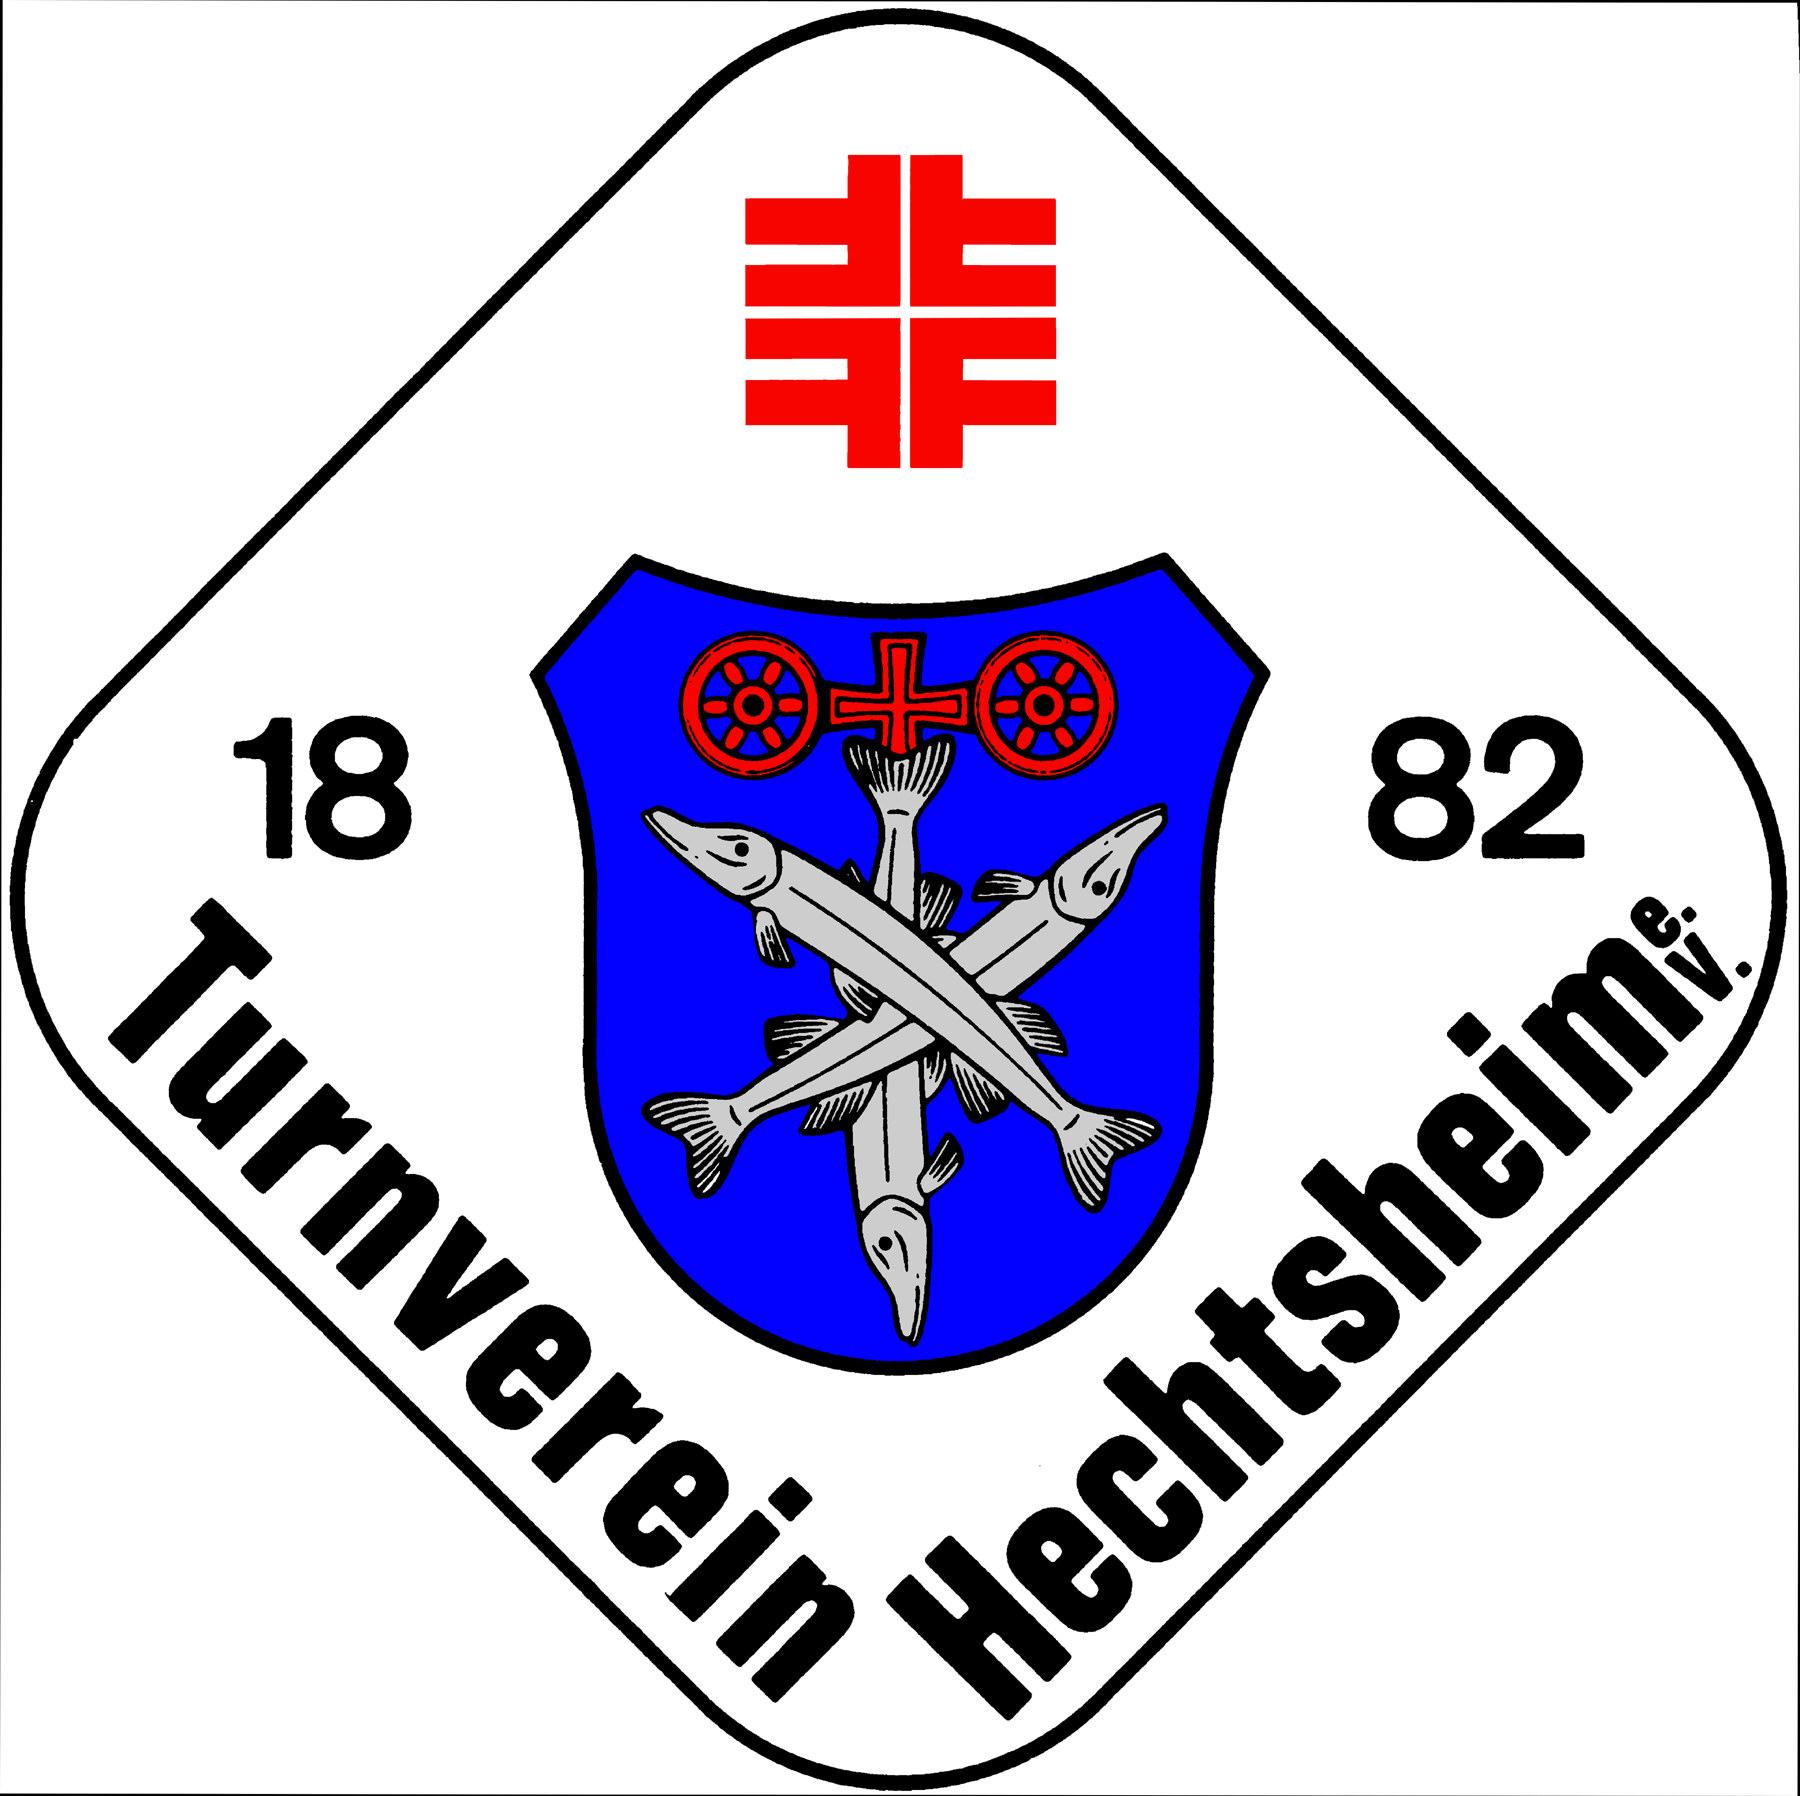 TV Hechtsheim Logo